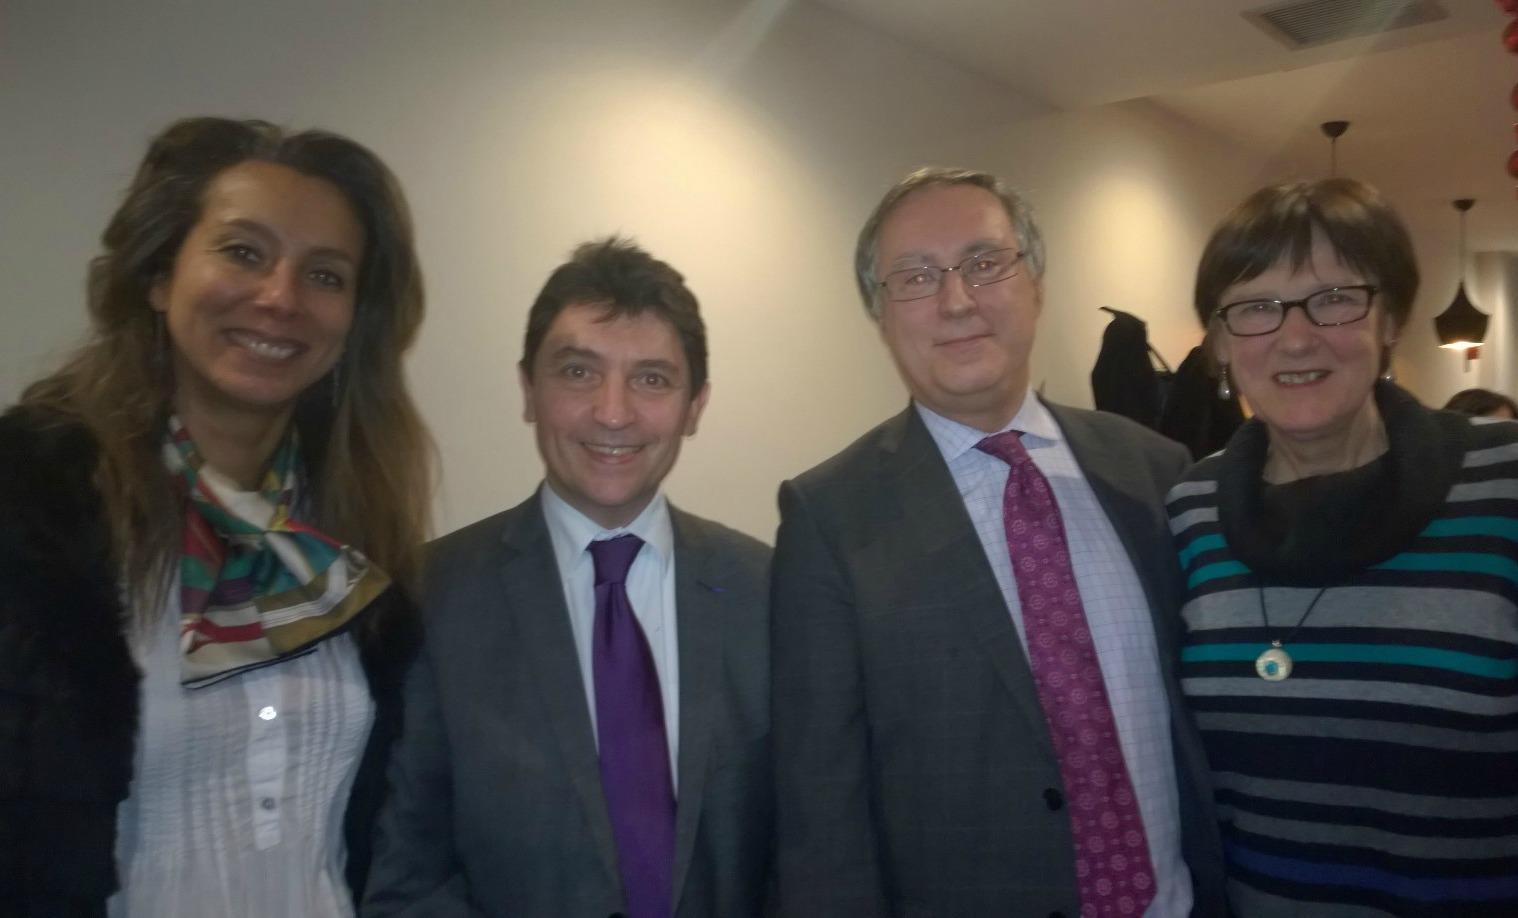 Véronique Bévierre, Olivier Cadic, Christian Albuisson et Anne-Colette Lequet, ancienne élue d'Édimbourg à l'AFE